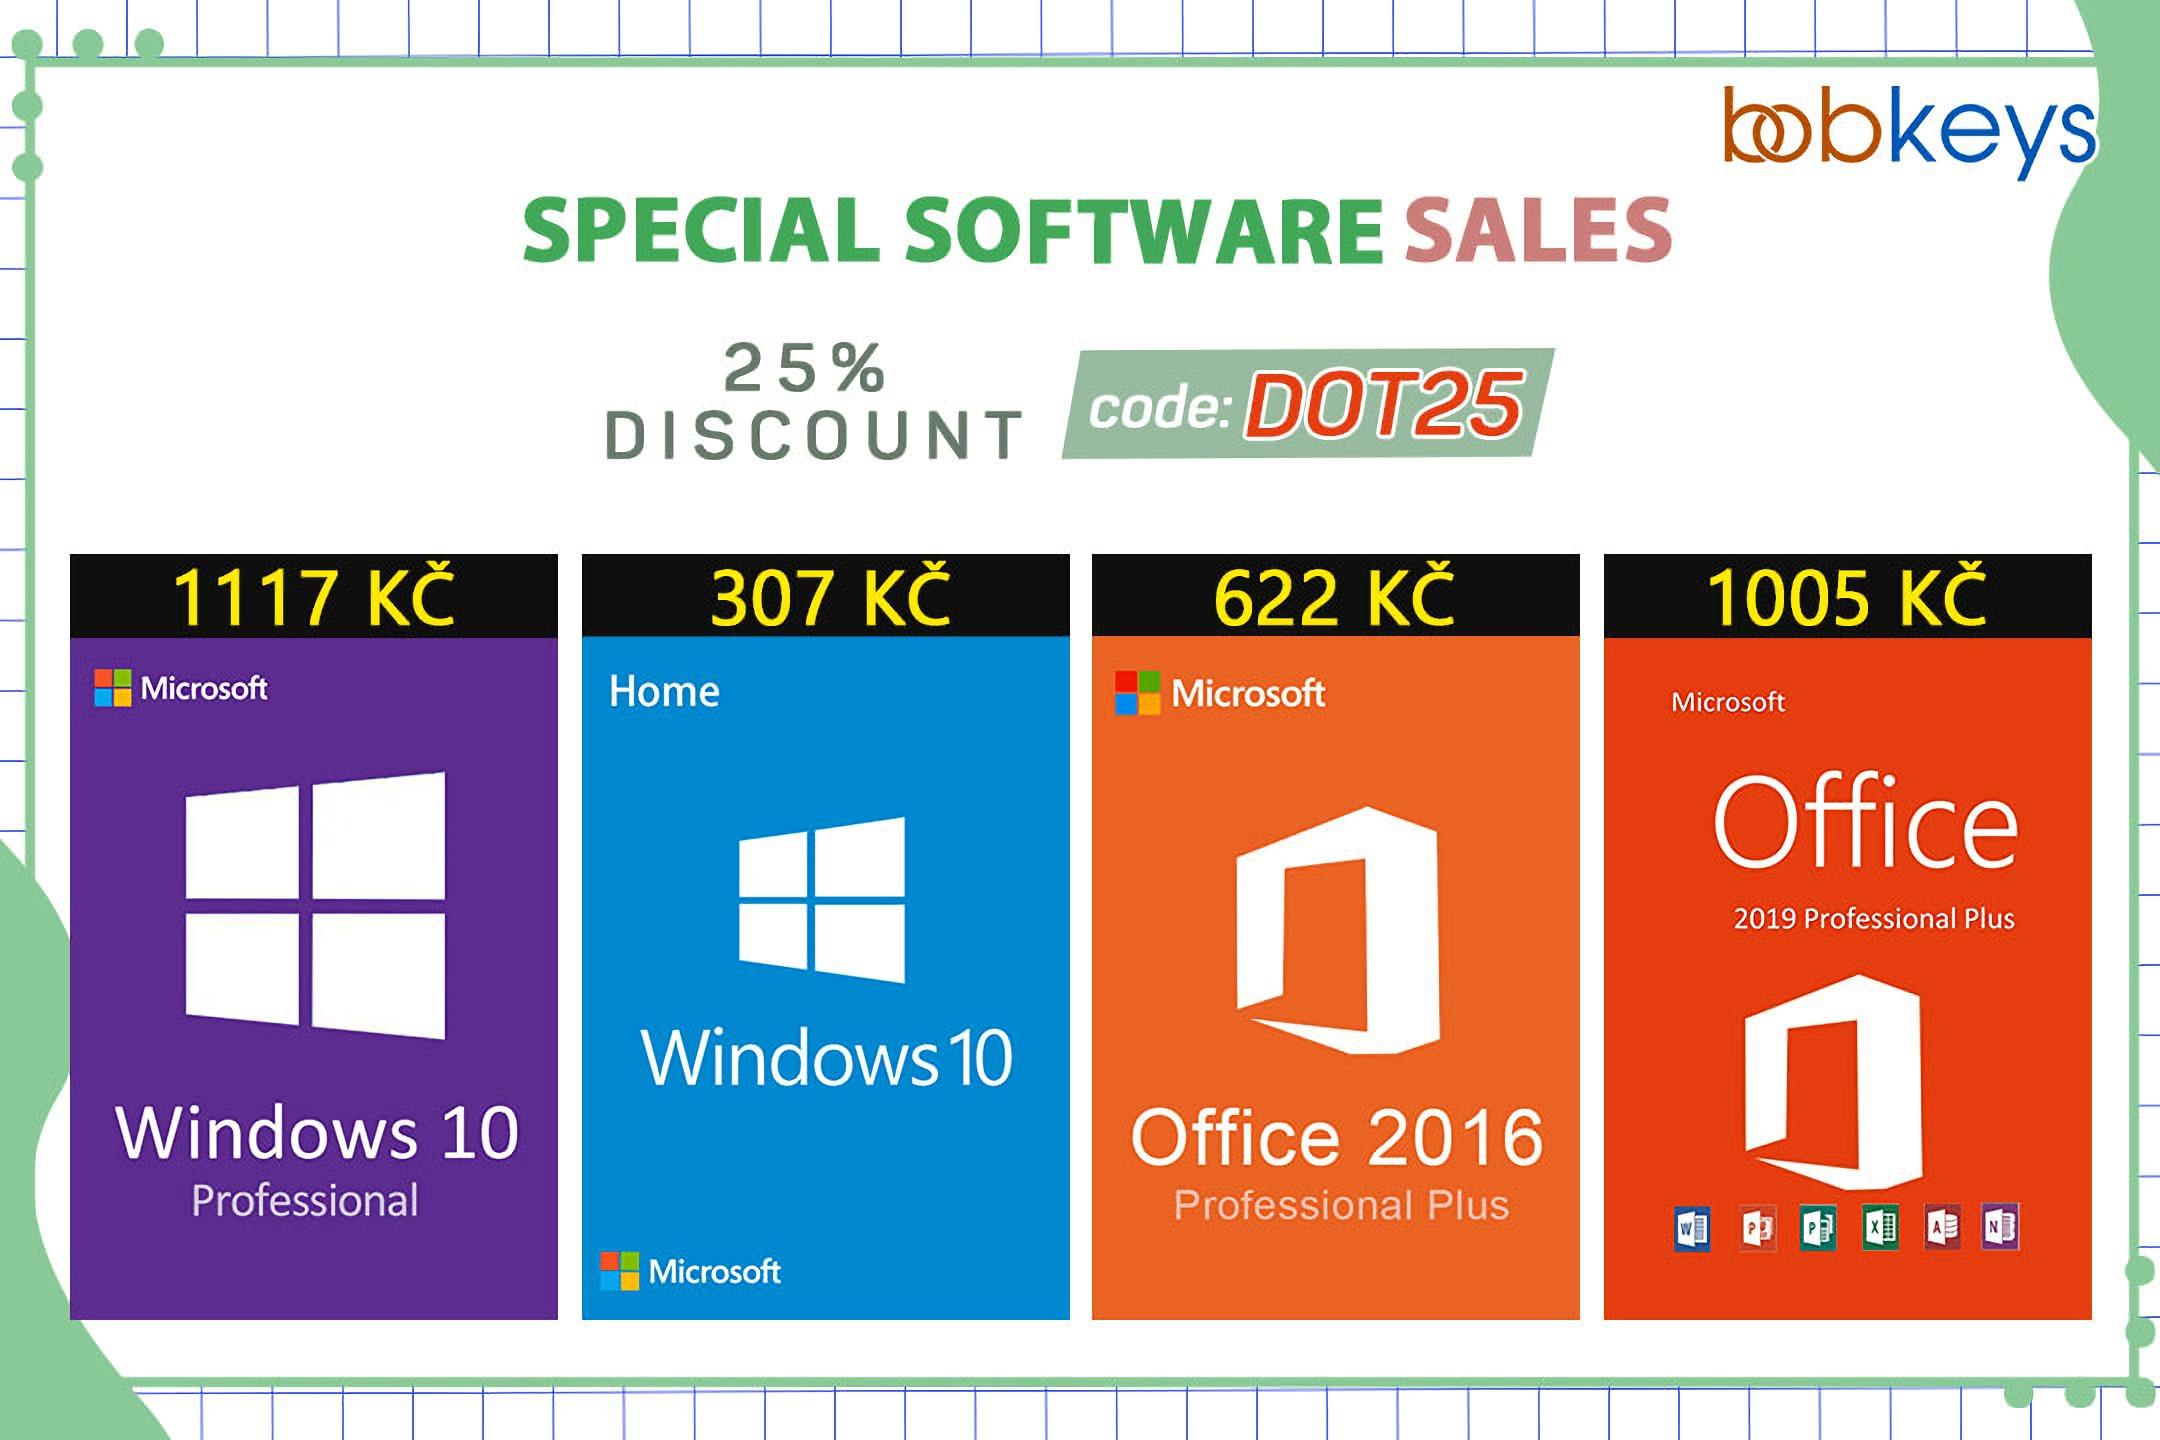 Nezmeškejte jedinečné 25% slevy na Windows 10 a další software od Microsoftu na Bobkeys.com! [sponzorovaný článek]